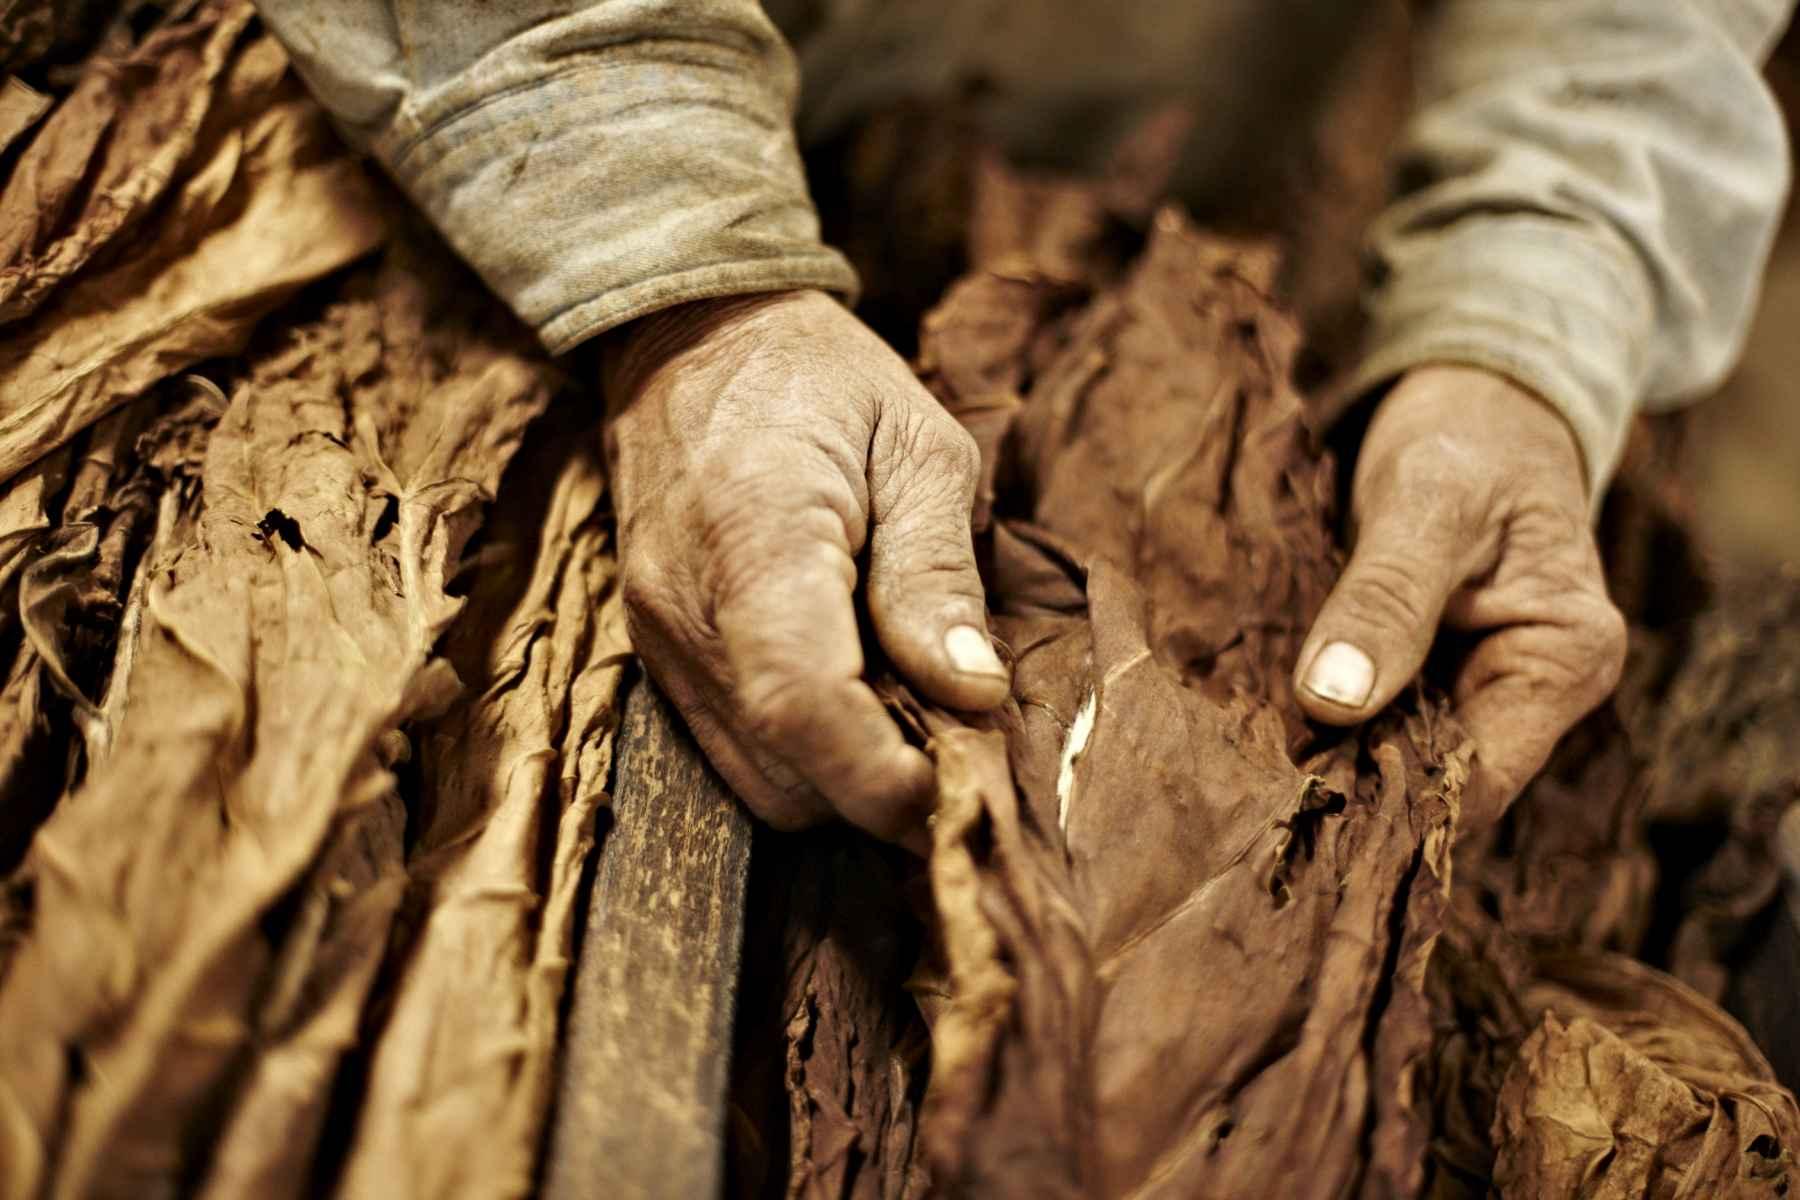 Pinkerton tobacco owensboro ky